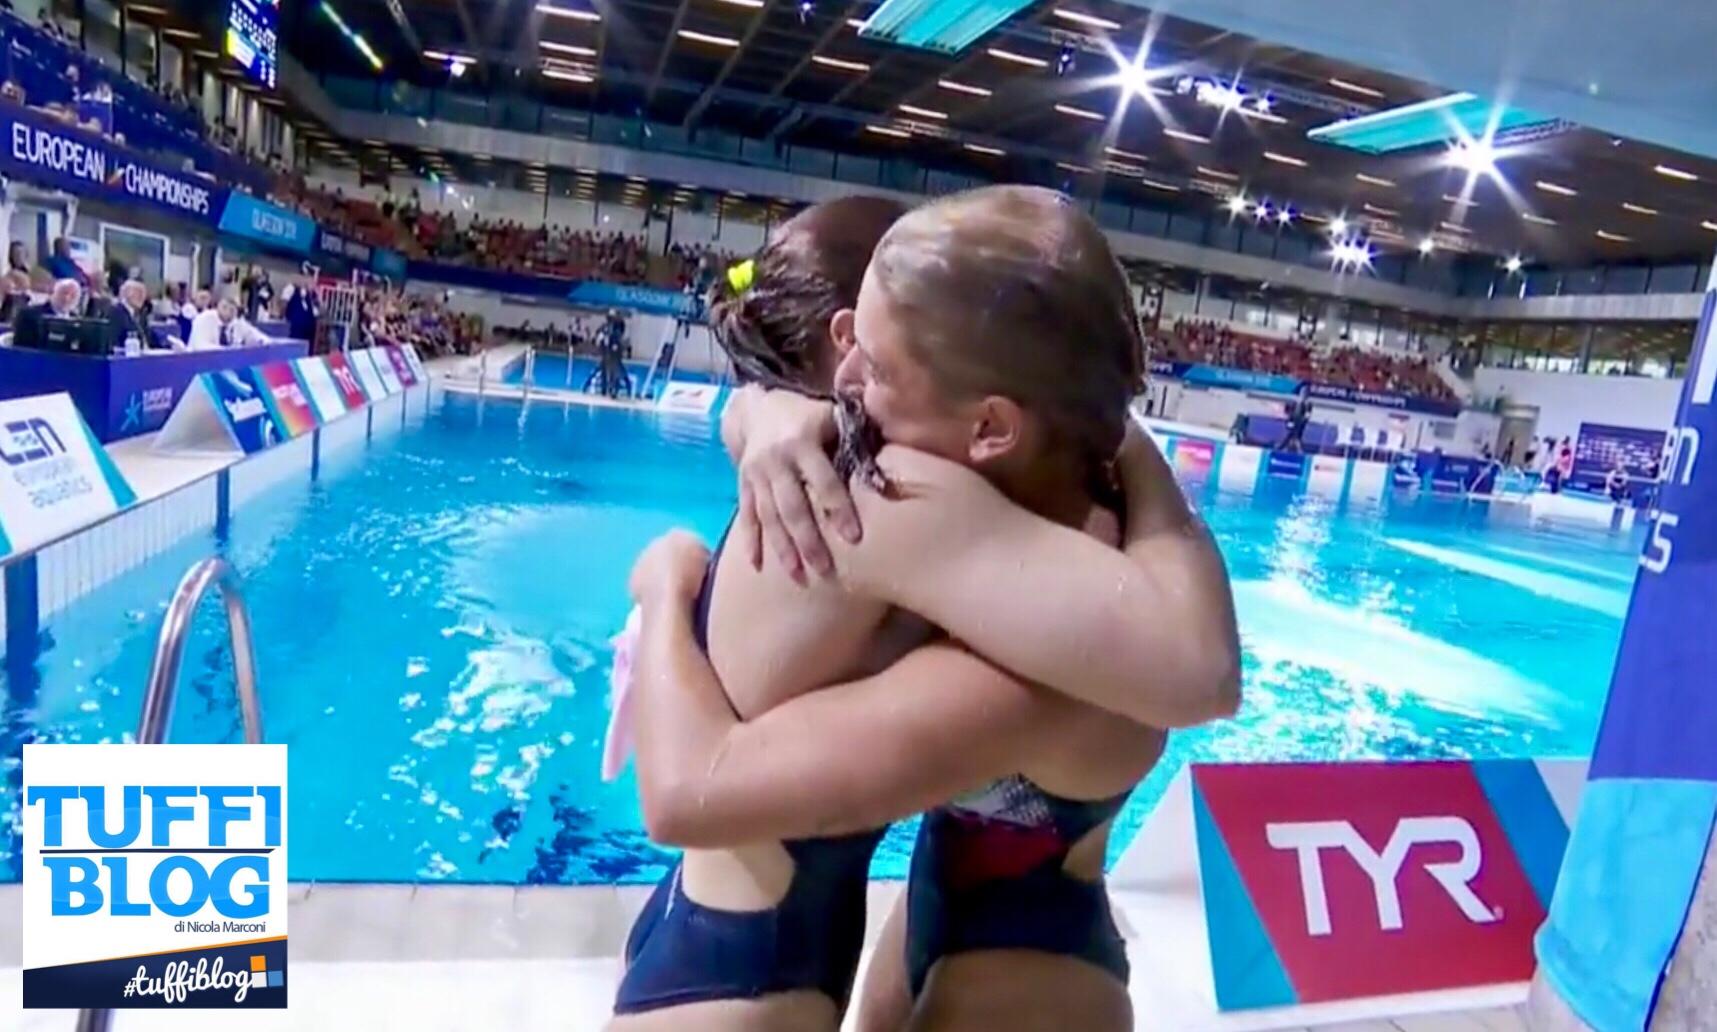 European Championships: Edimburgo - Elena Bertocchi e Chiara Pellacani riportano l'Italia sul gradino piú alto del podio!